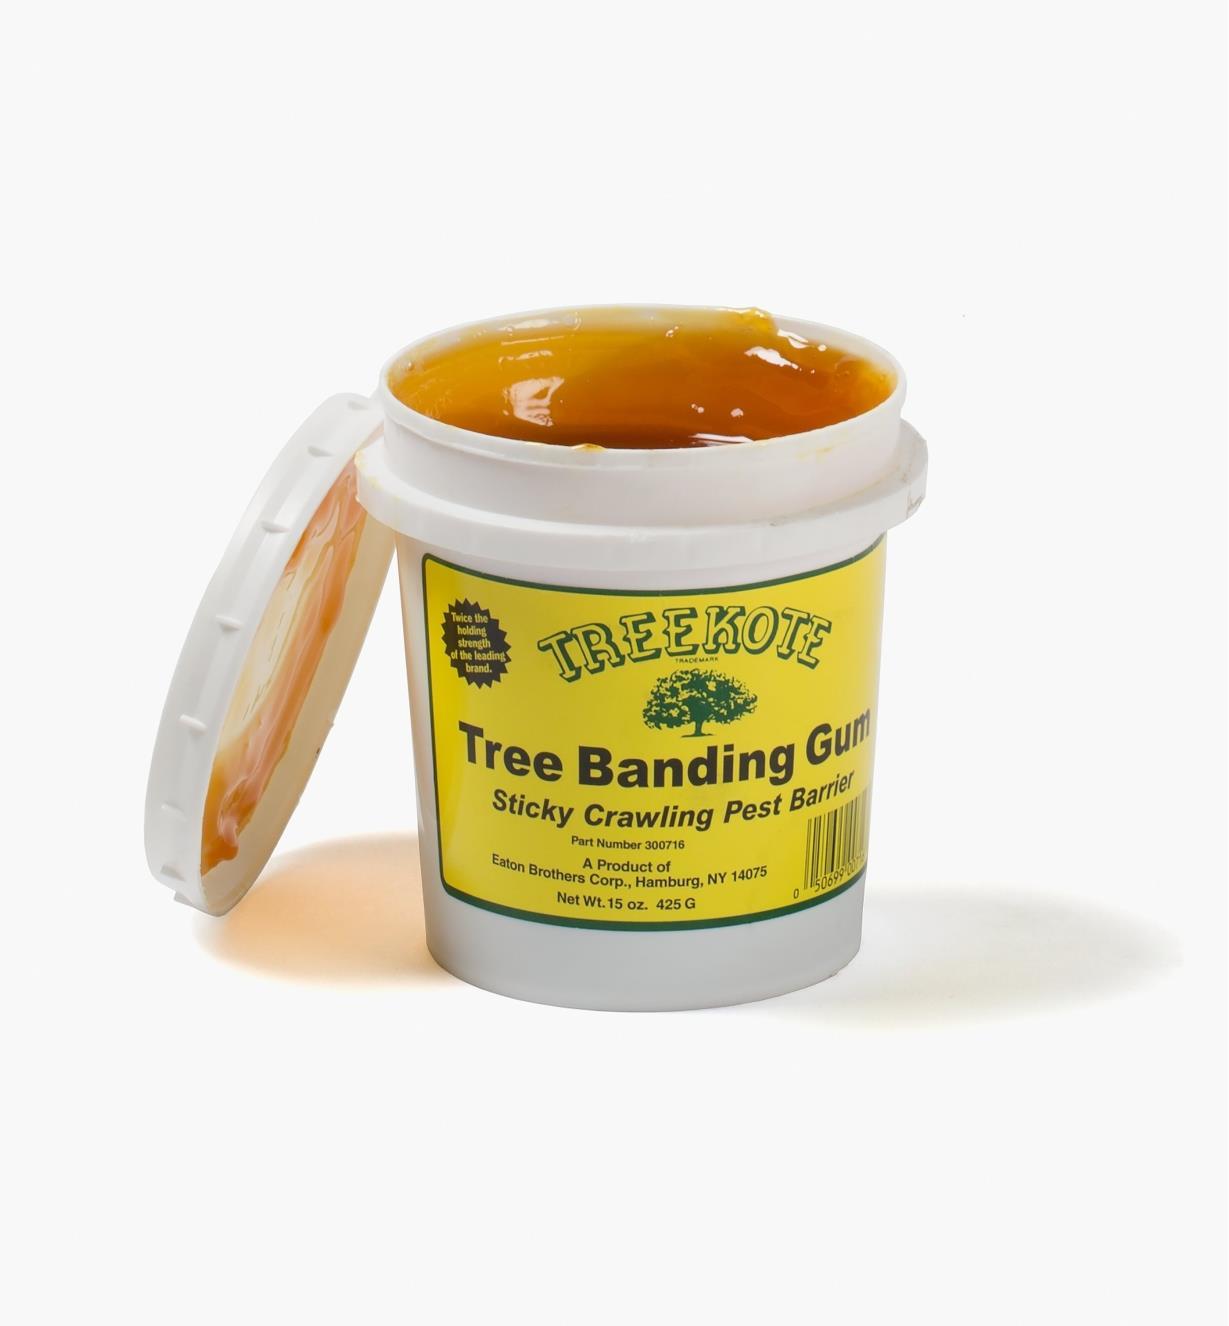 SC303 - Tub of Gum, 425g